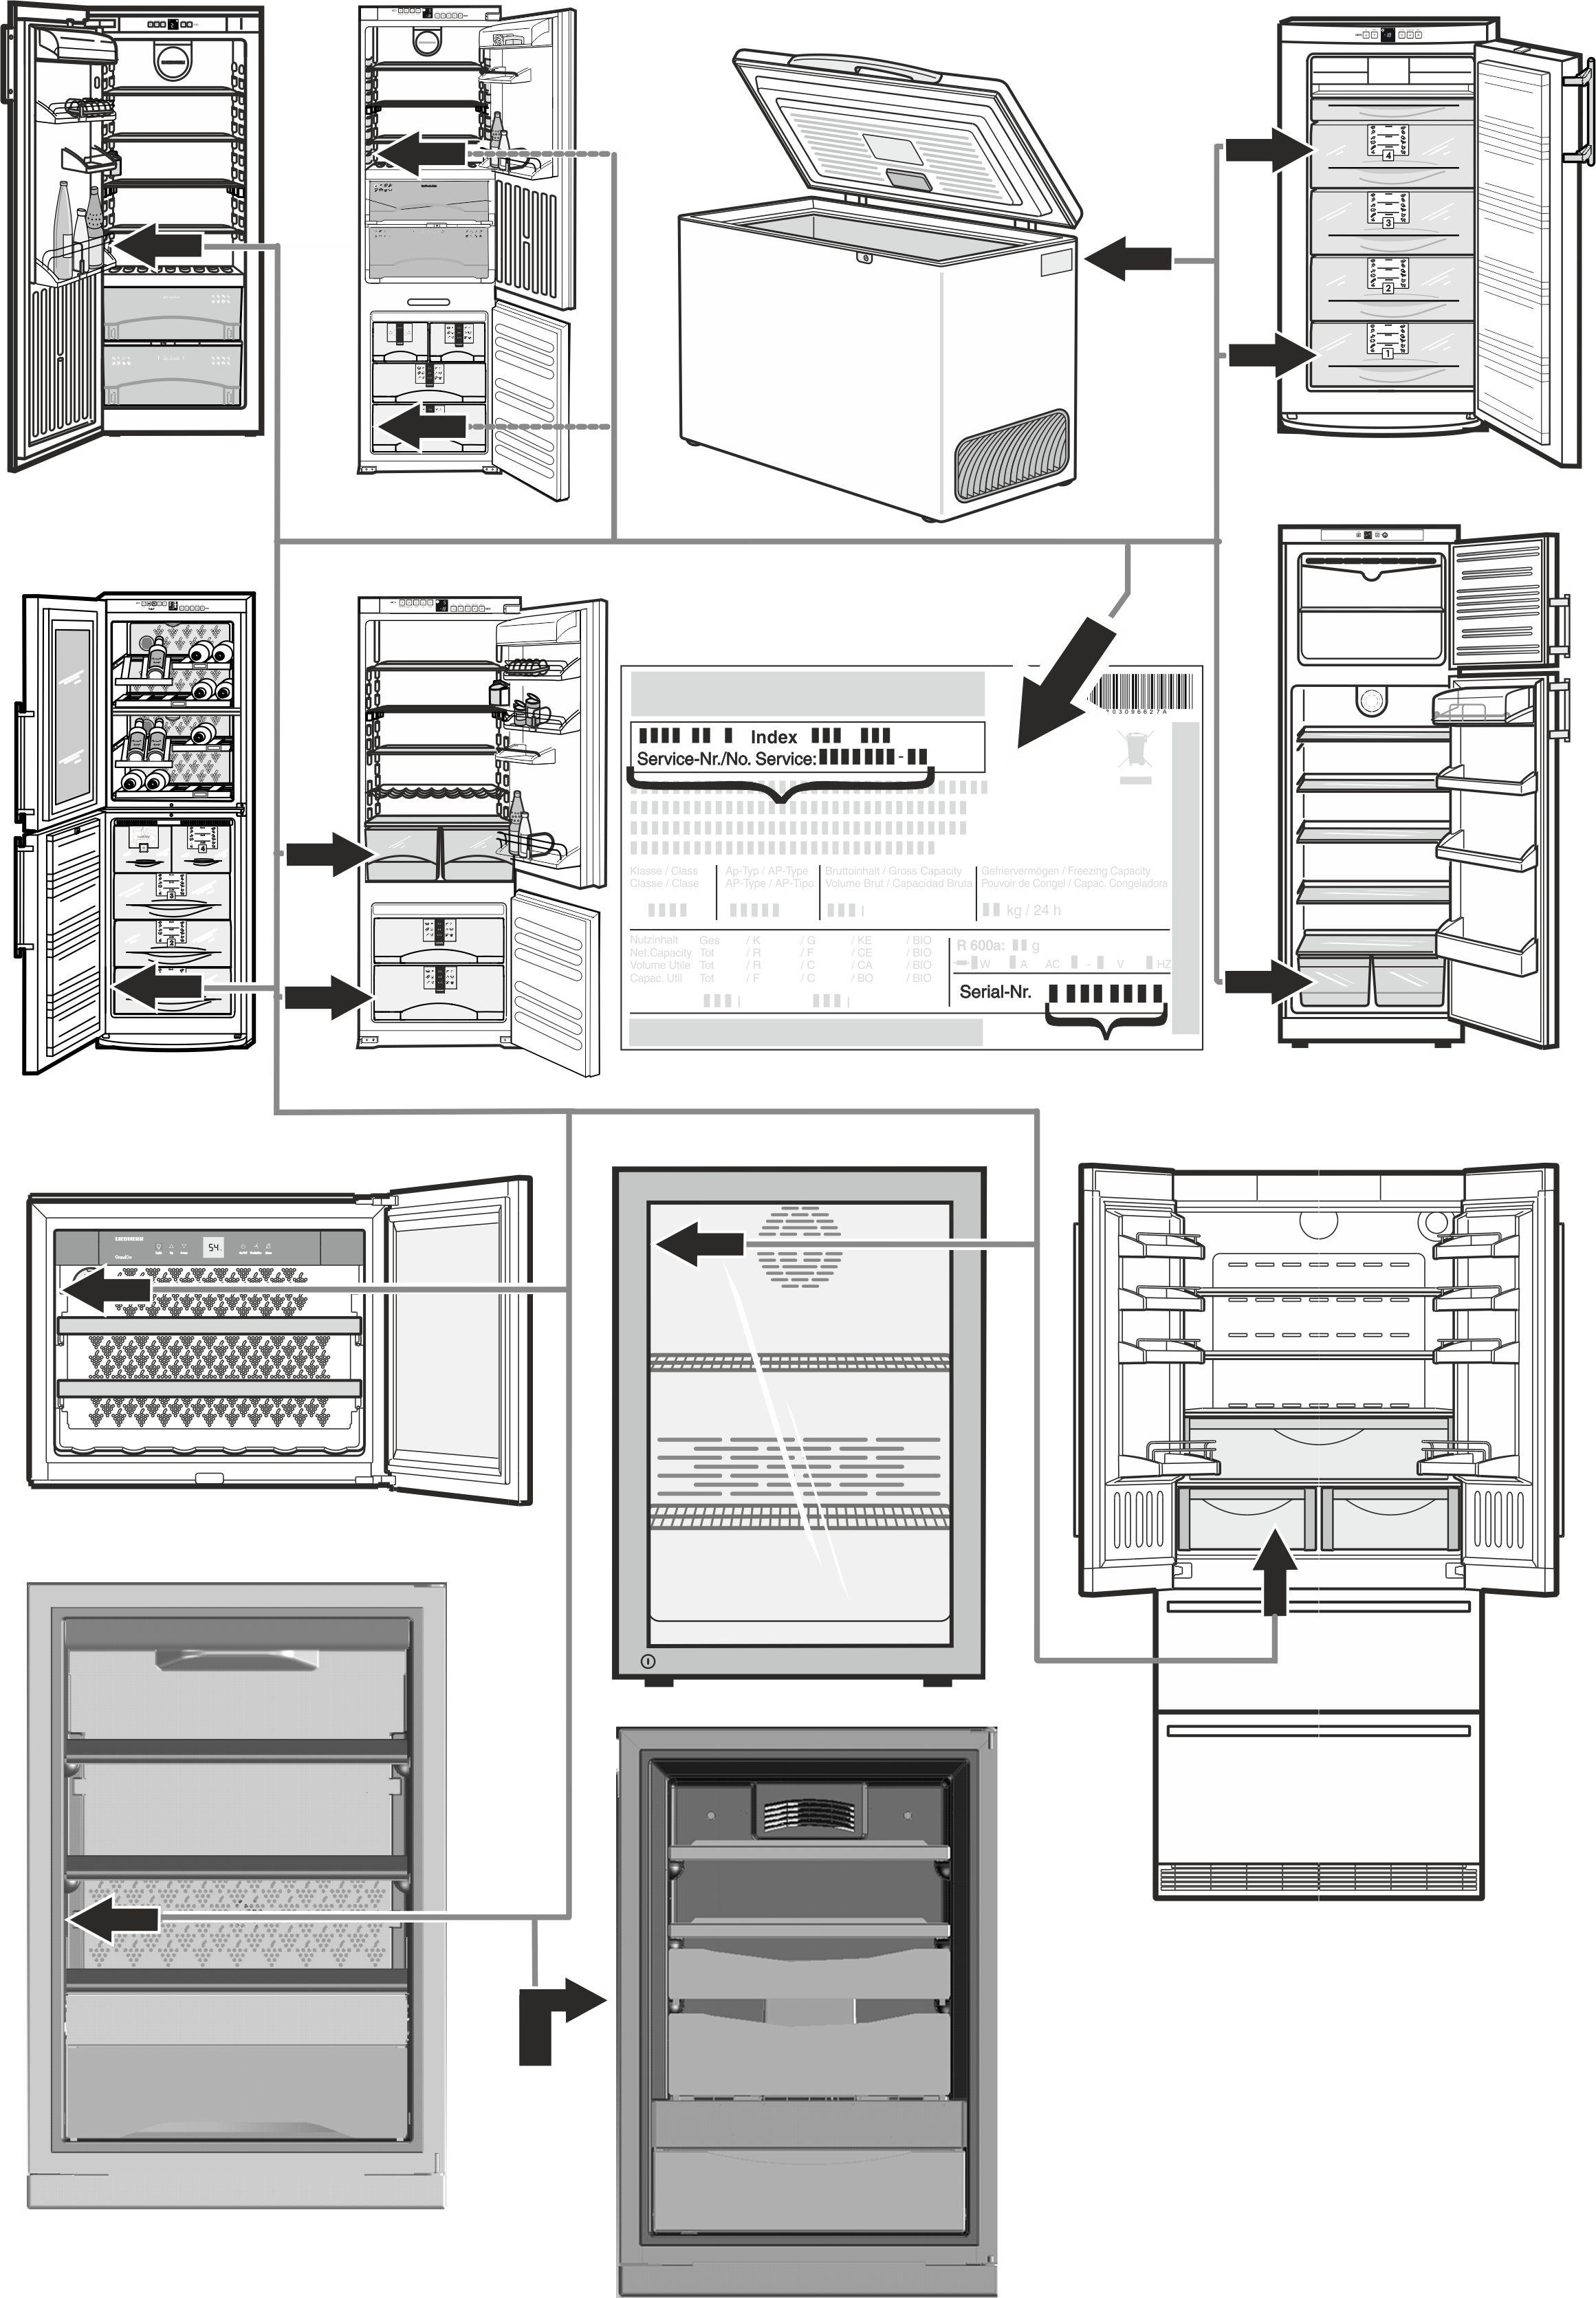 Alter Liebherr Kühlschrank Bedienungsanleitung - Dion Debra Blog